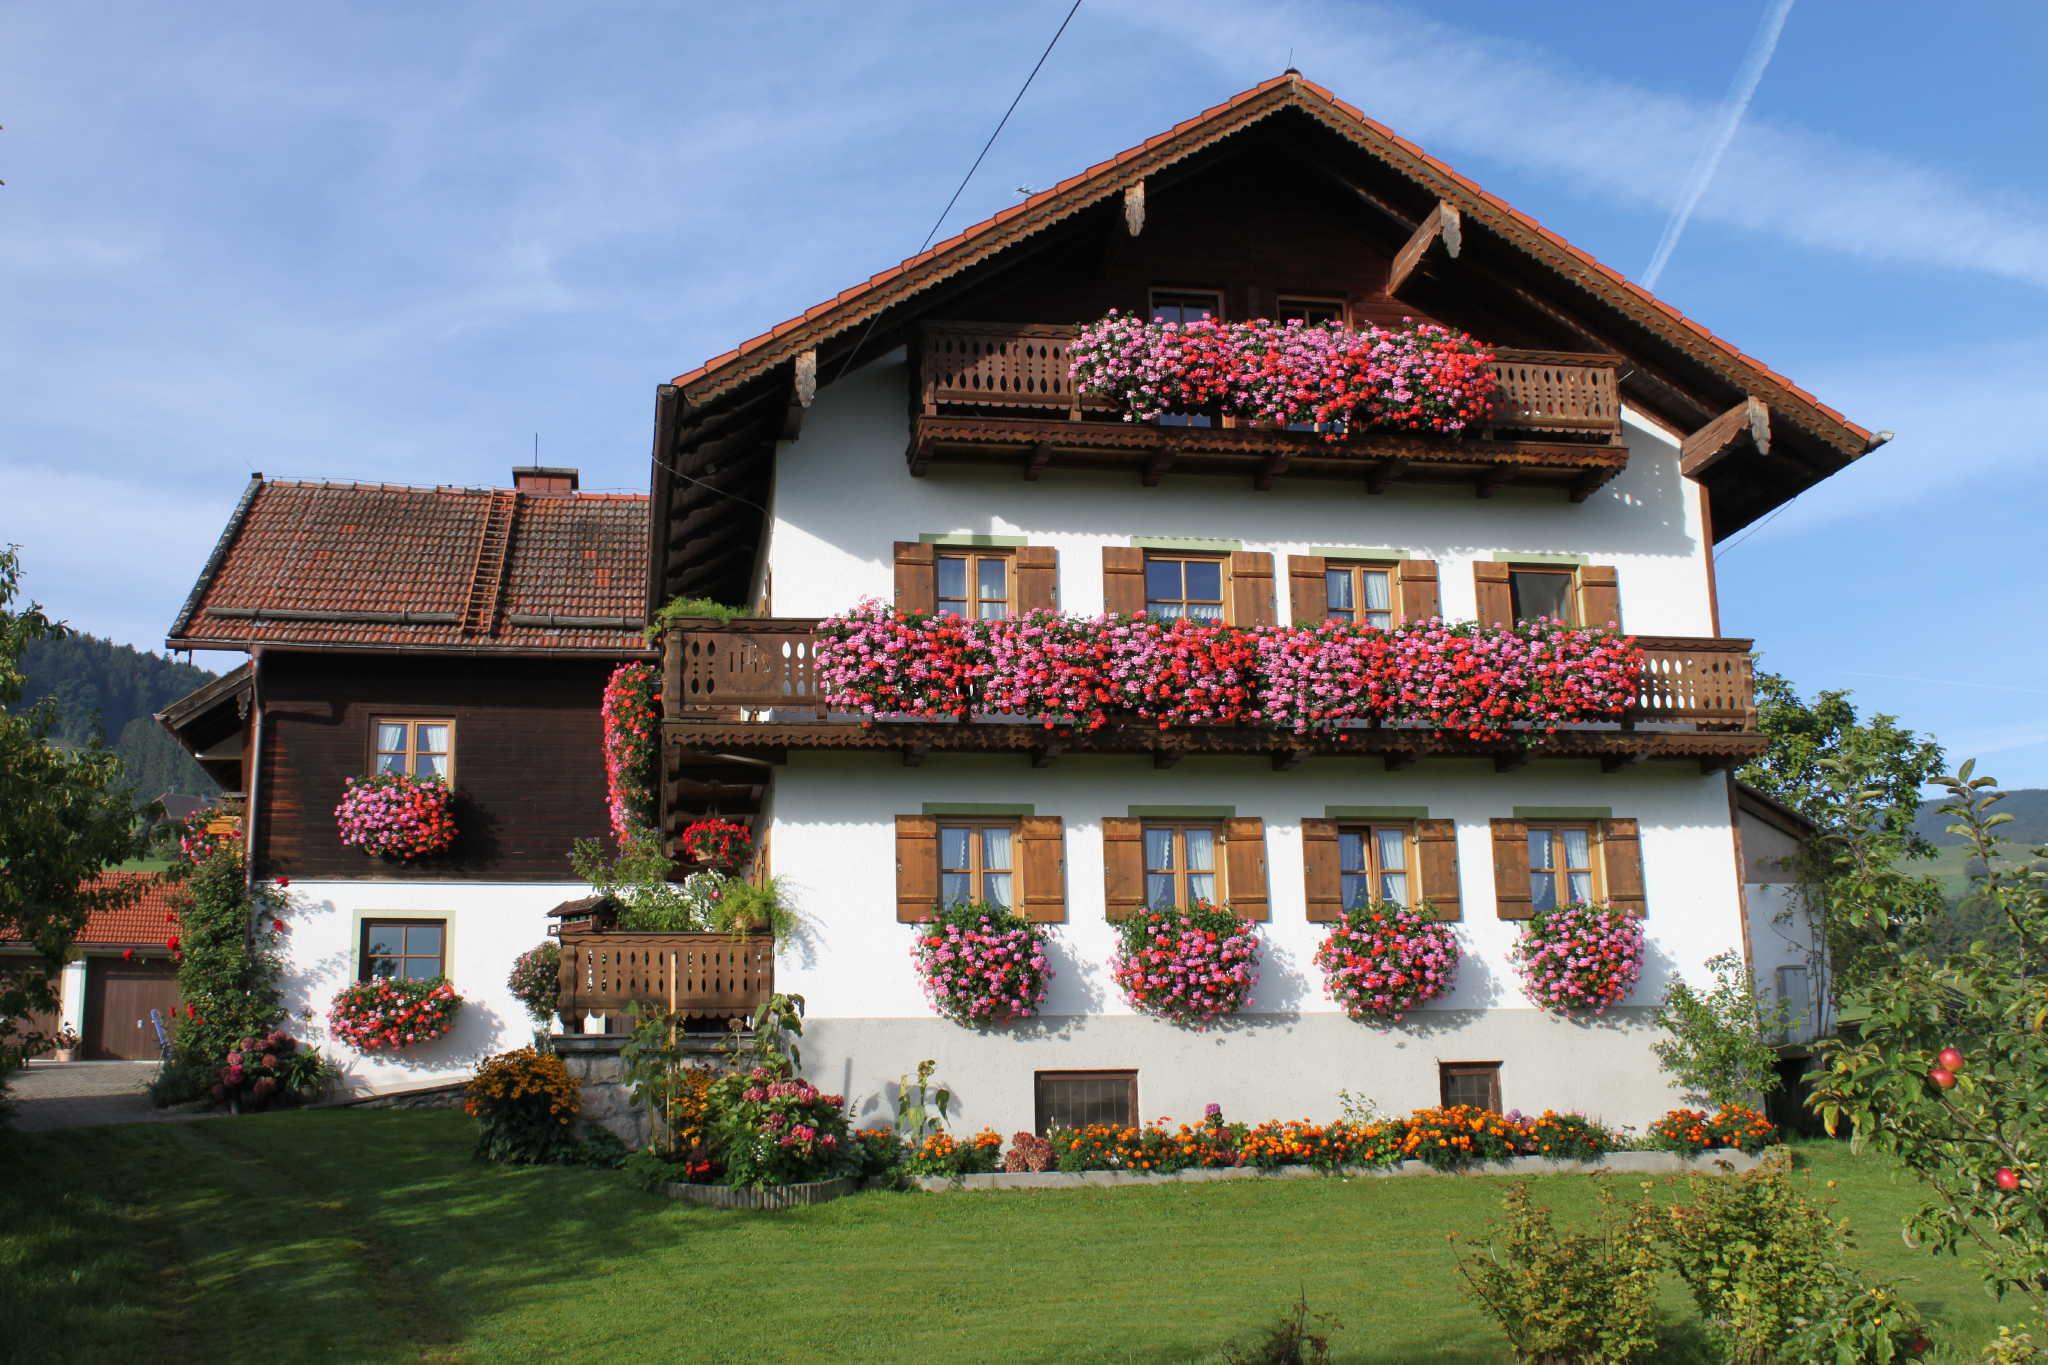 Unser Haus in voller Blütenpracht